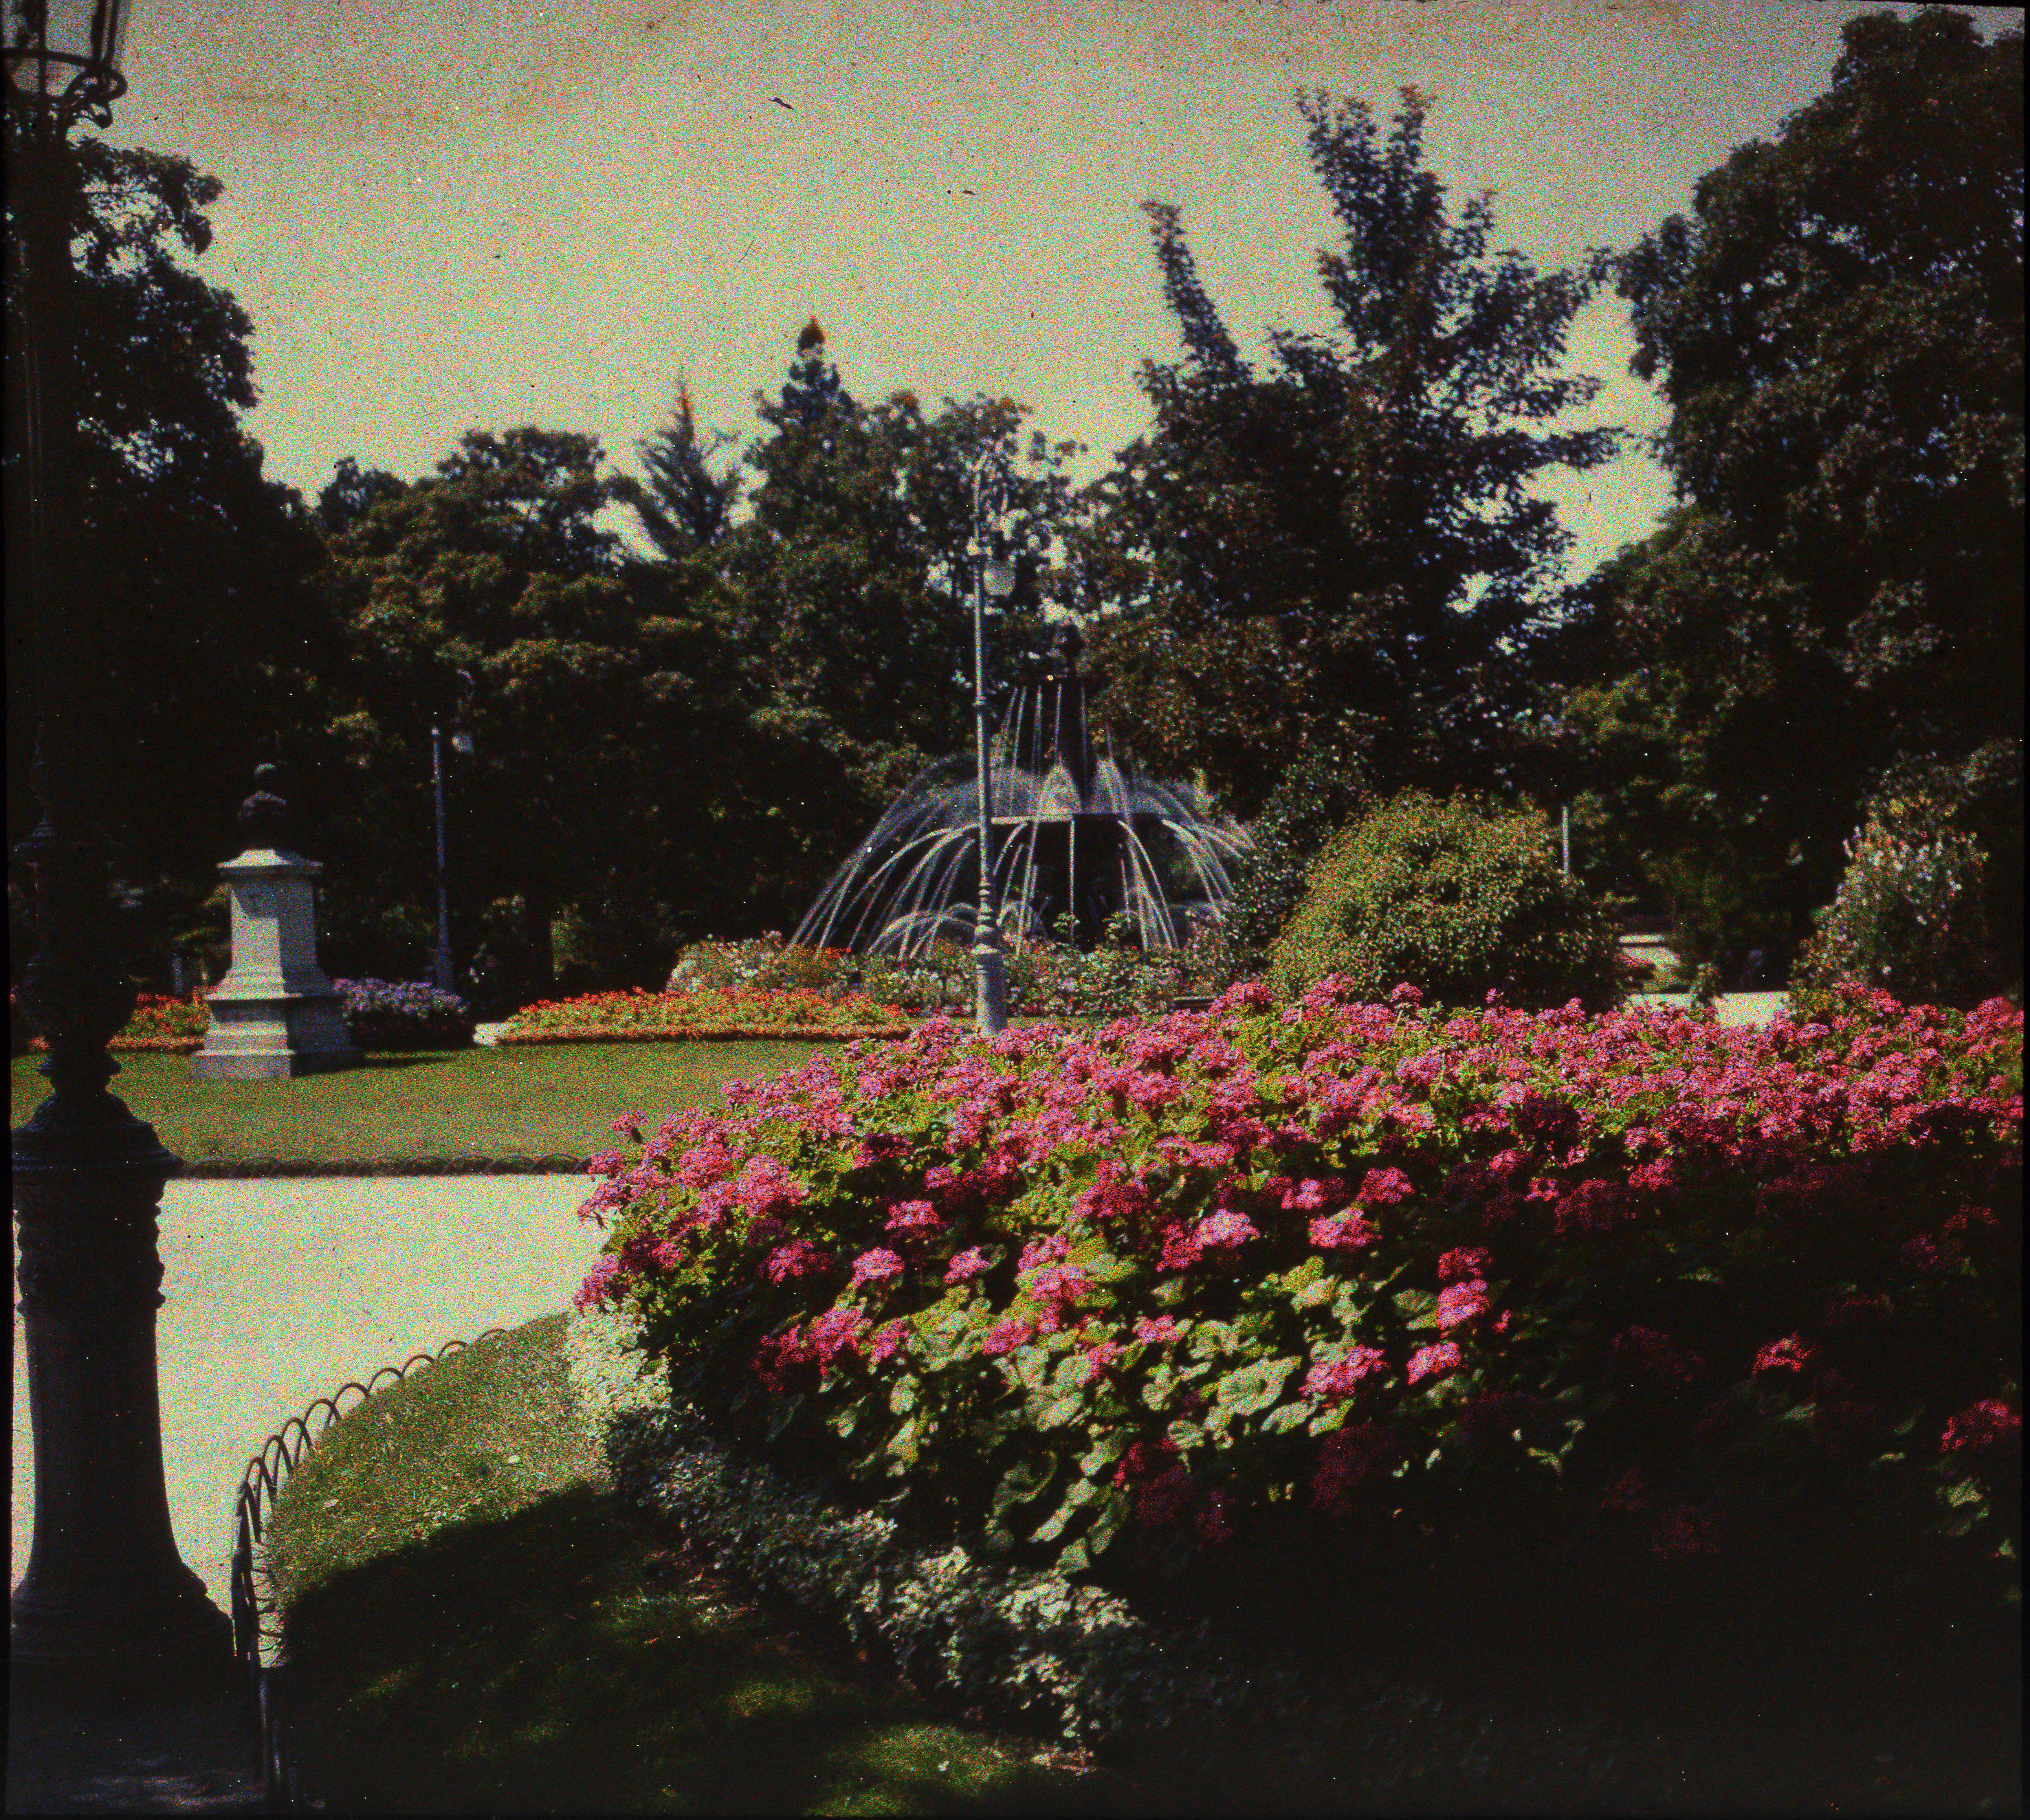 Gen ve jardin anglais notre histoire for Jardin anglais histoire